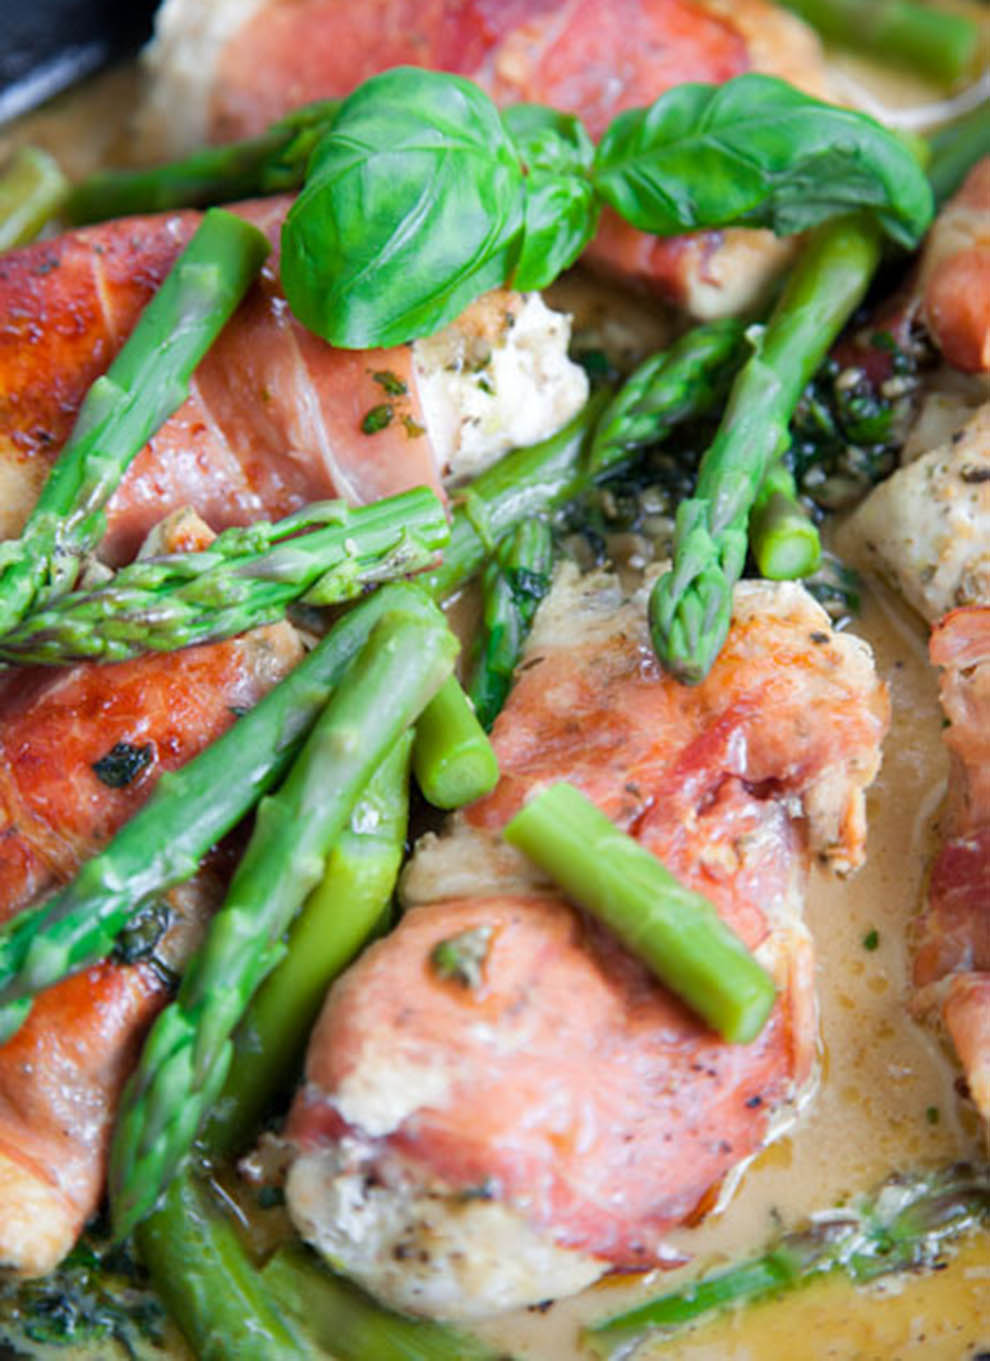 BiteDelite-kurczak-w-szynce-parmenskiej-ze-szparagami-5462